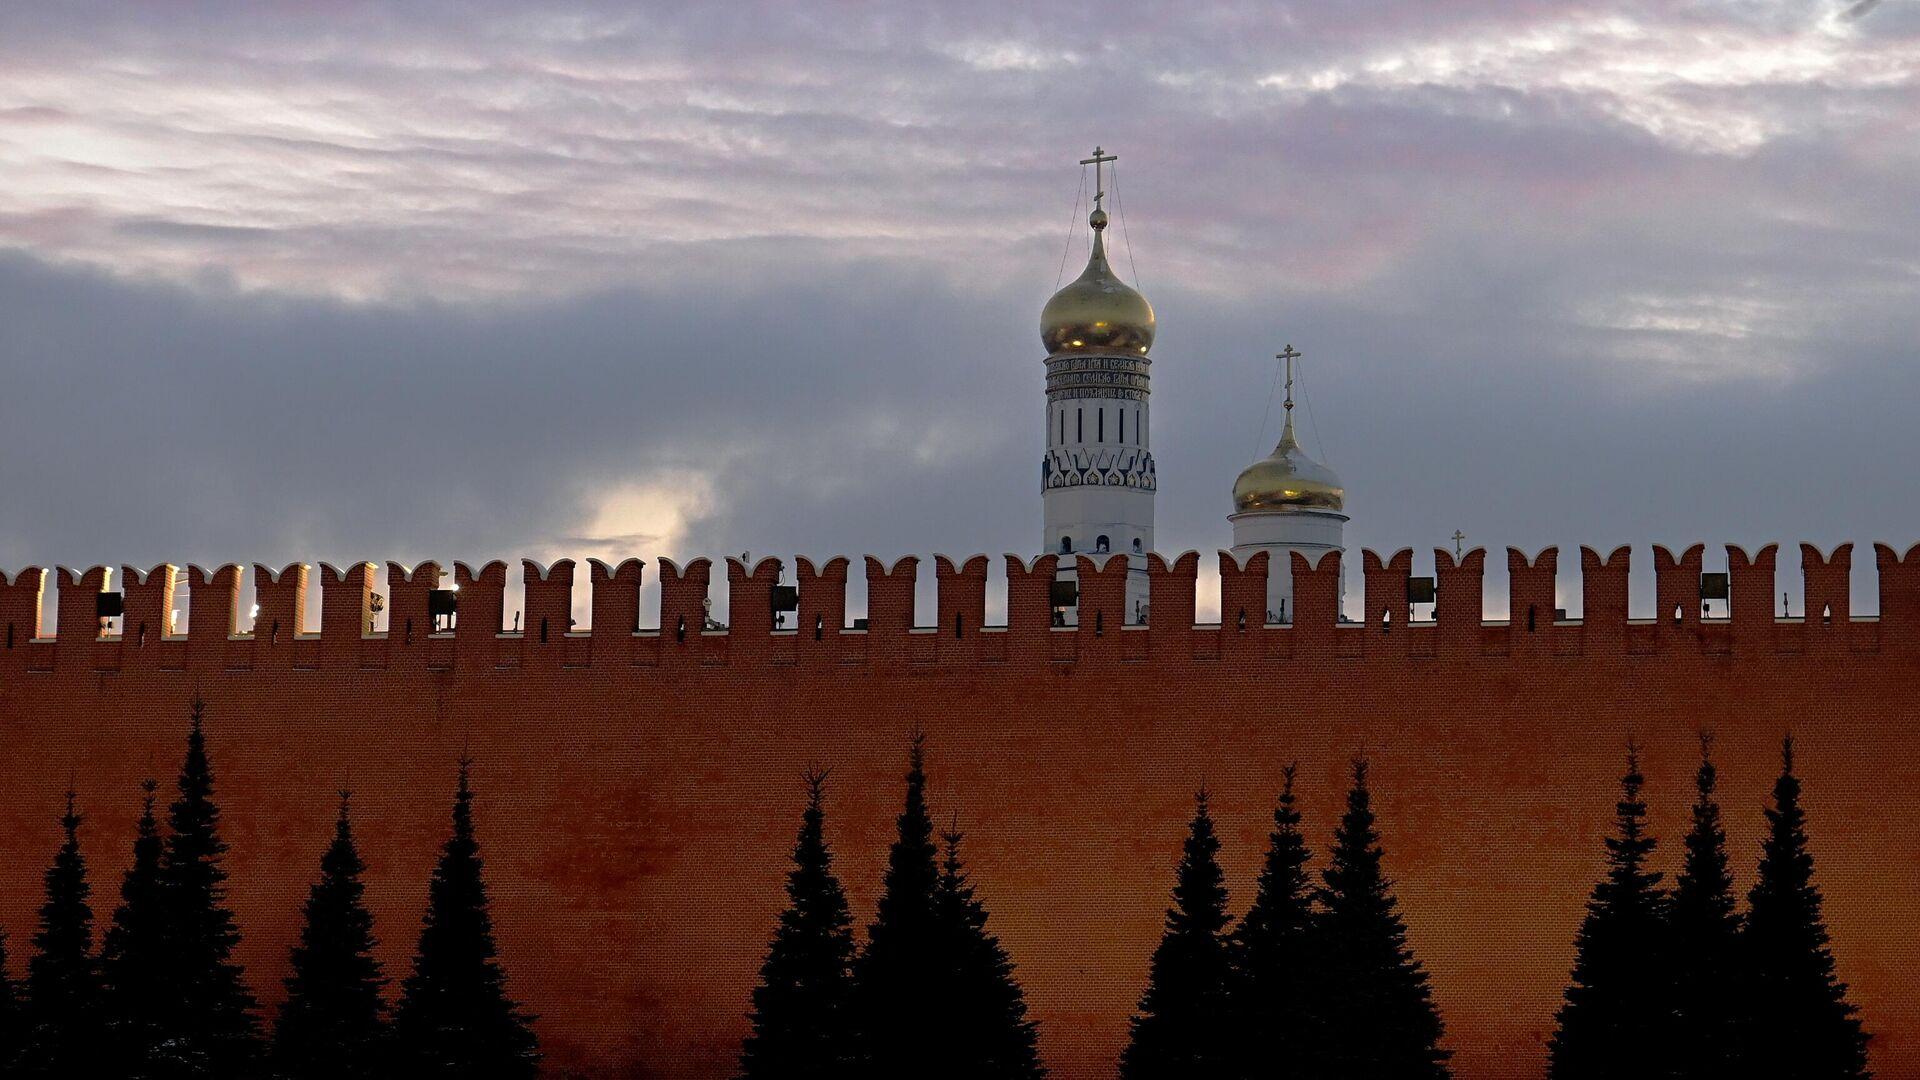 National Interest перечислил связанные с Россией угрозы для США